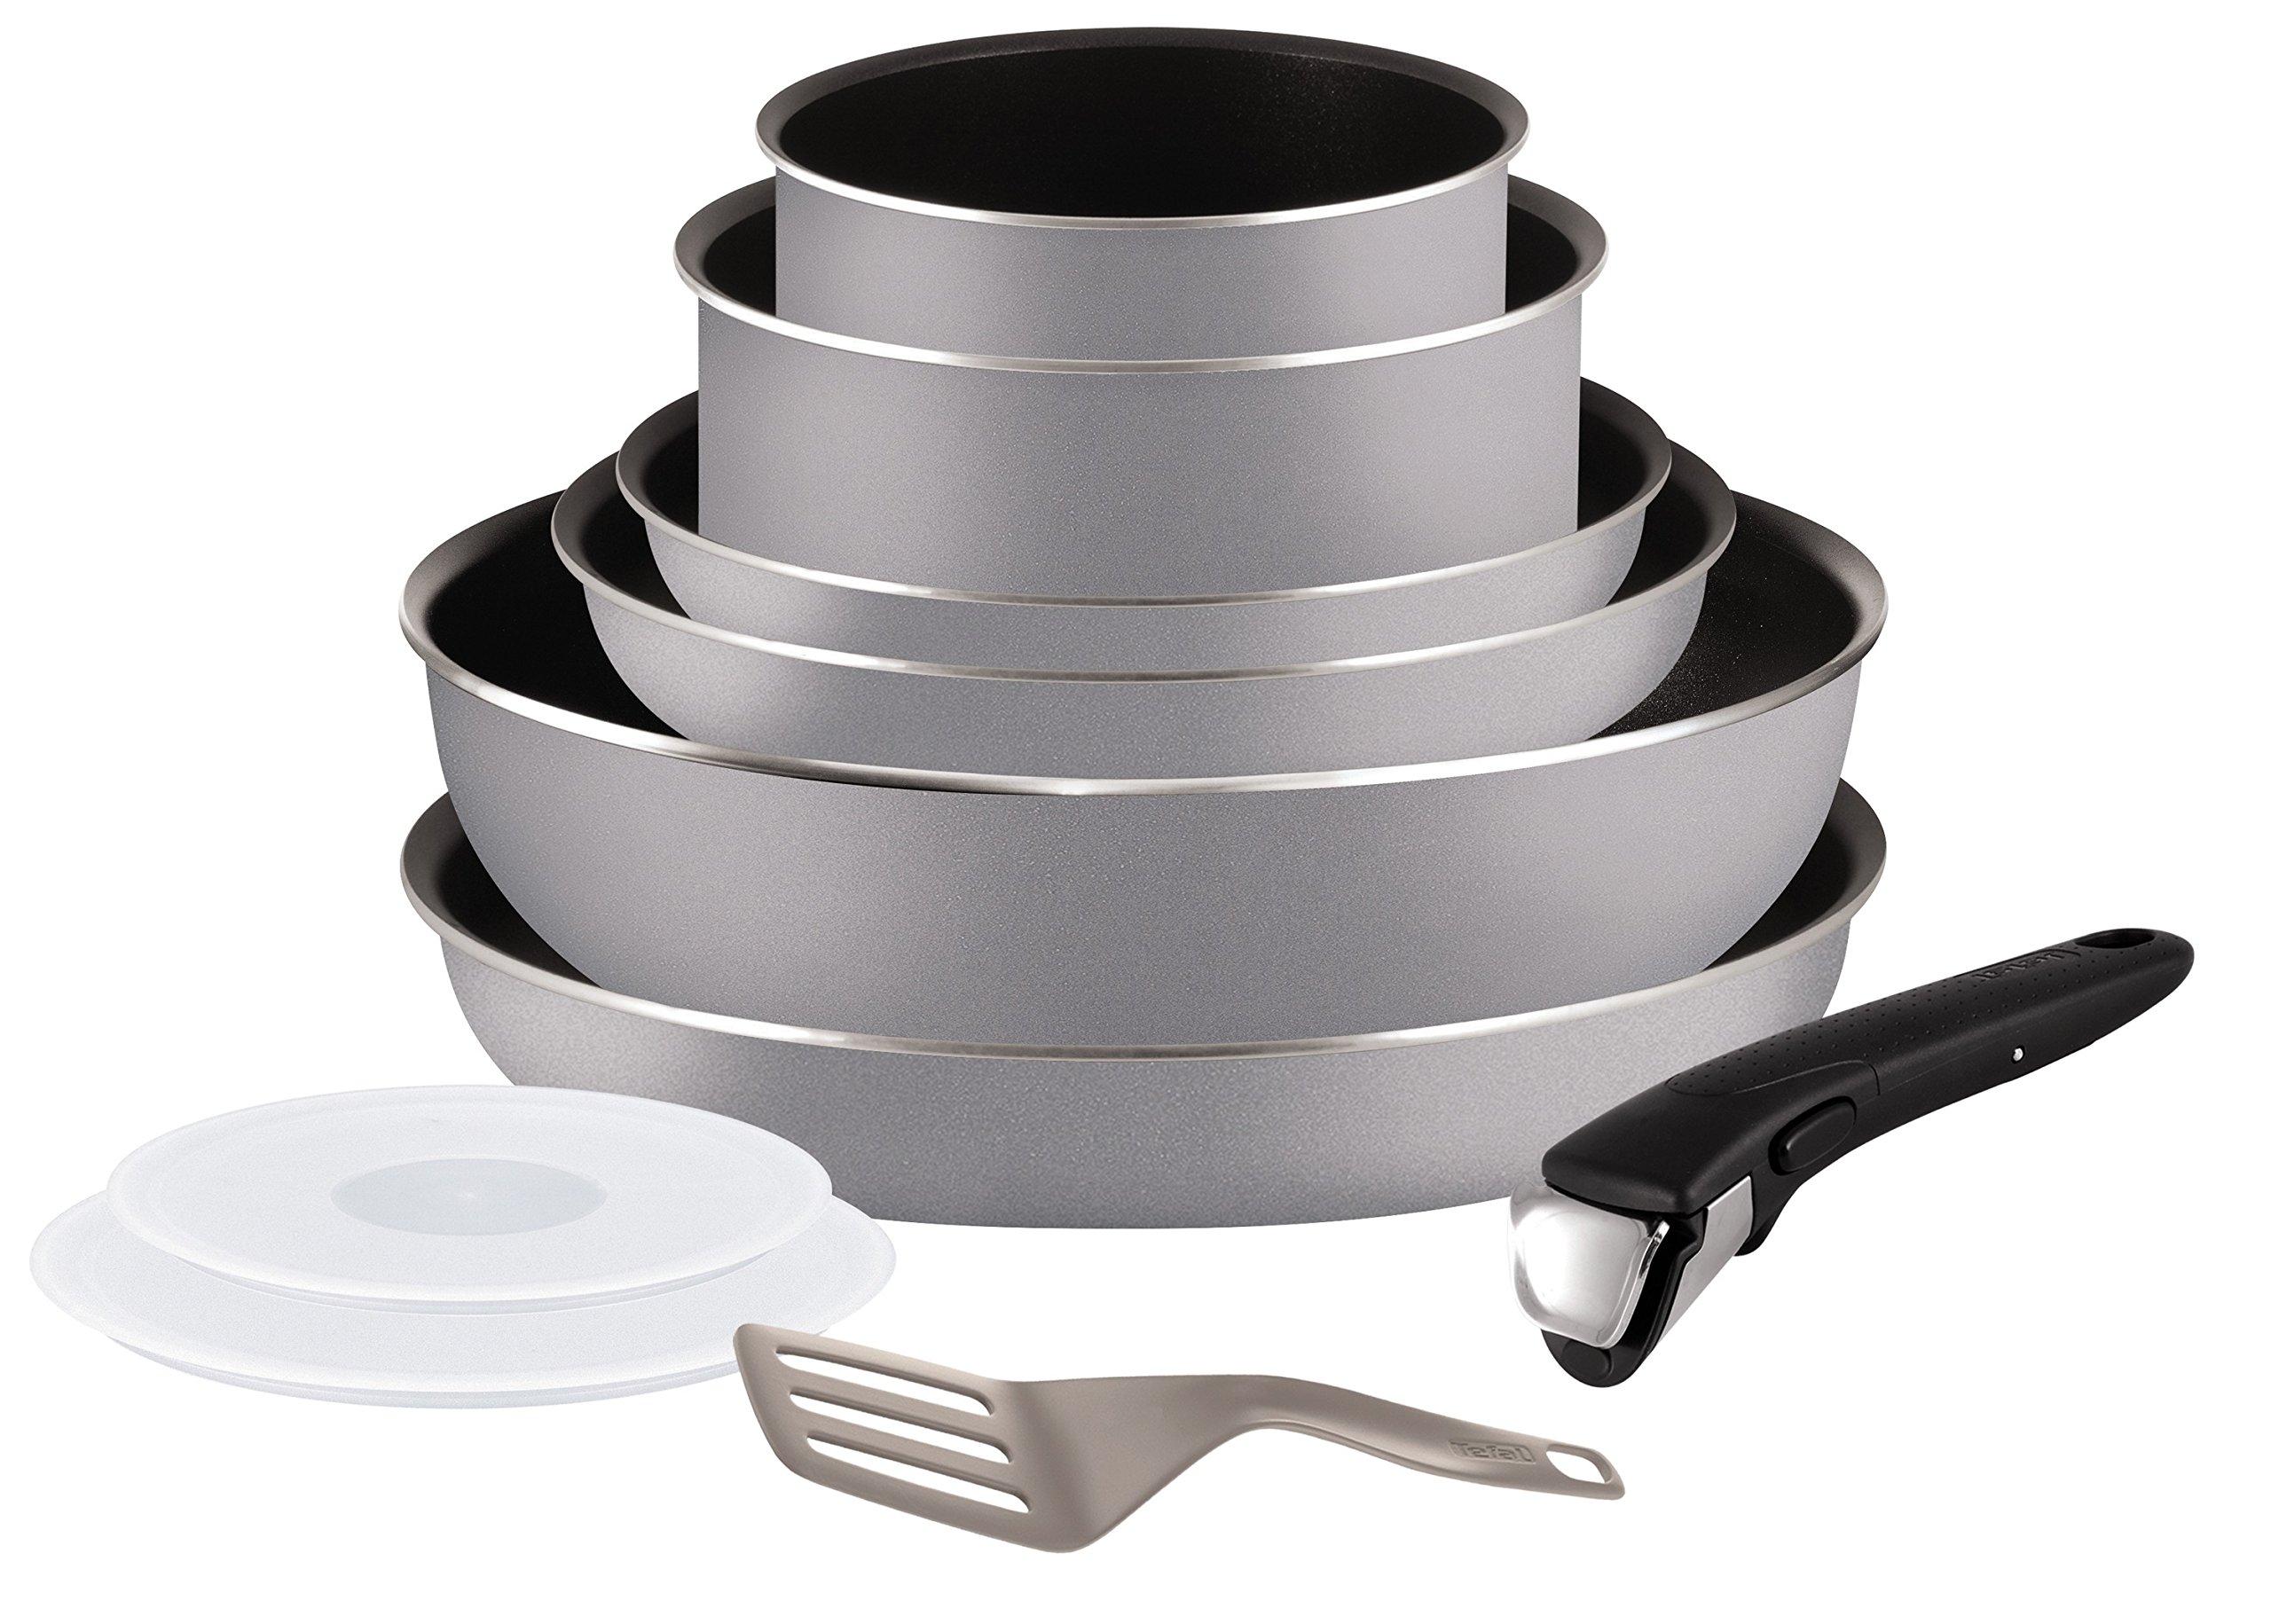 Tefal L2149602 Set de poêles et casseroles - Ingenio 5 Essential Gris Set 10 Pièces - Tous feux sauf induction product image